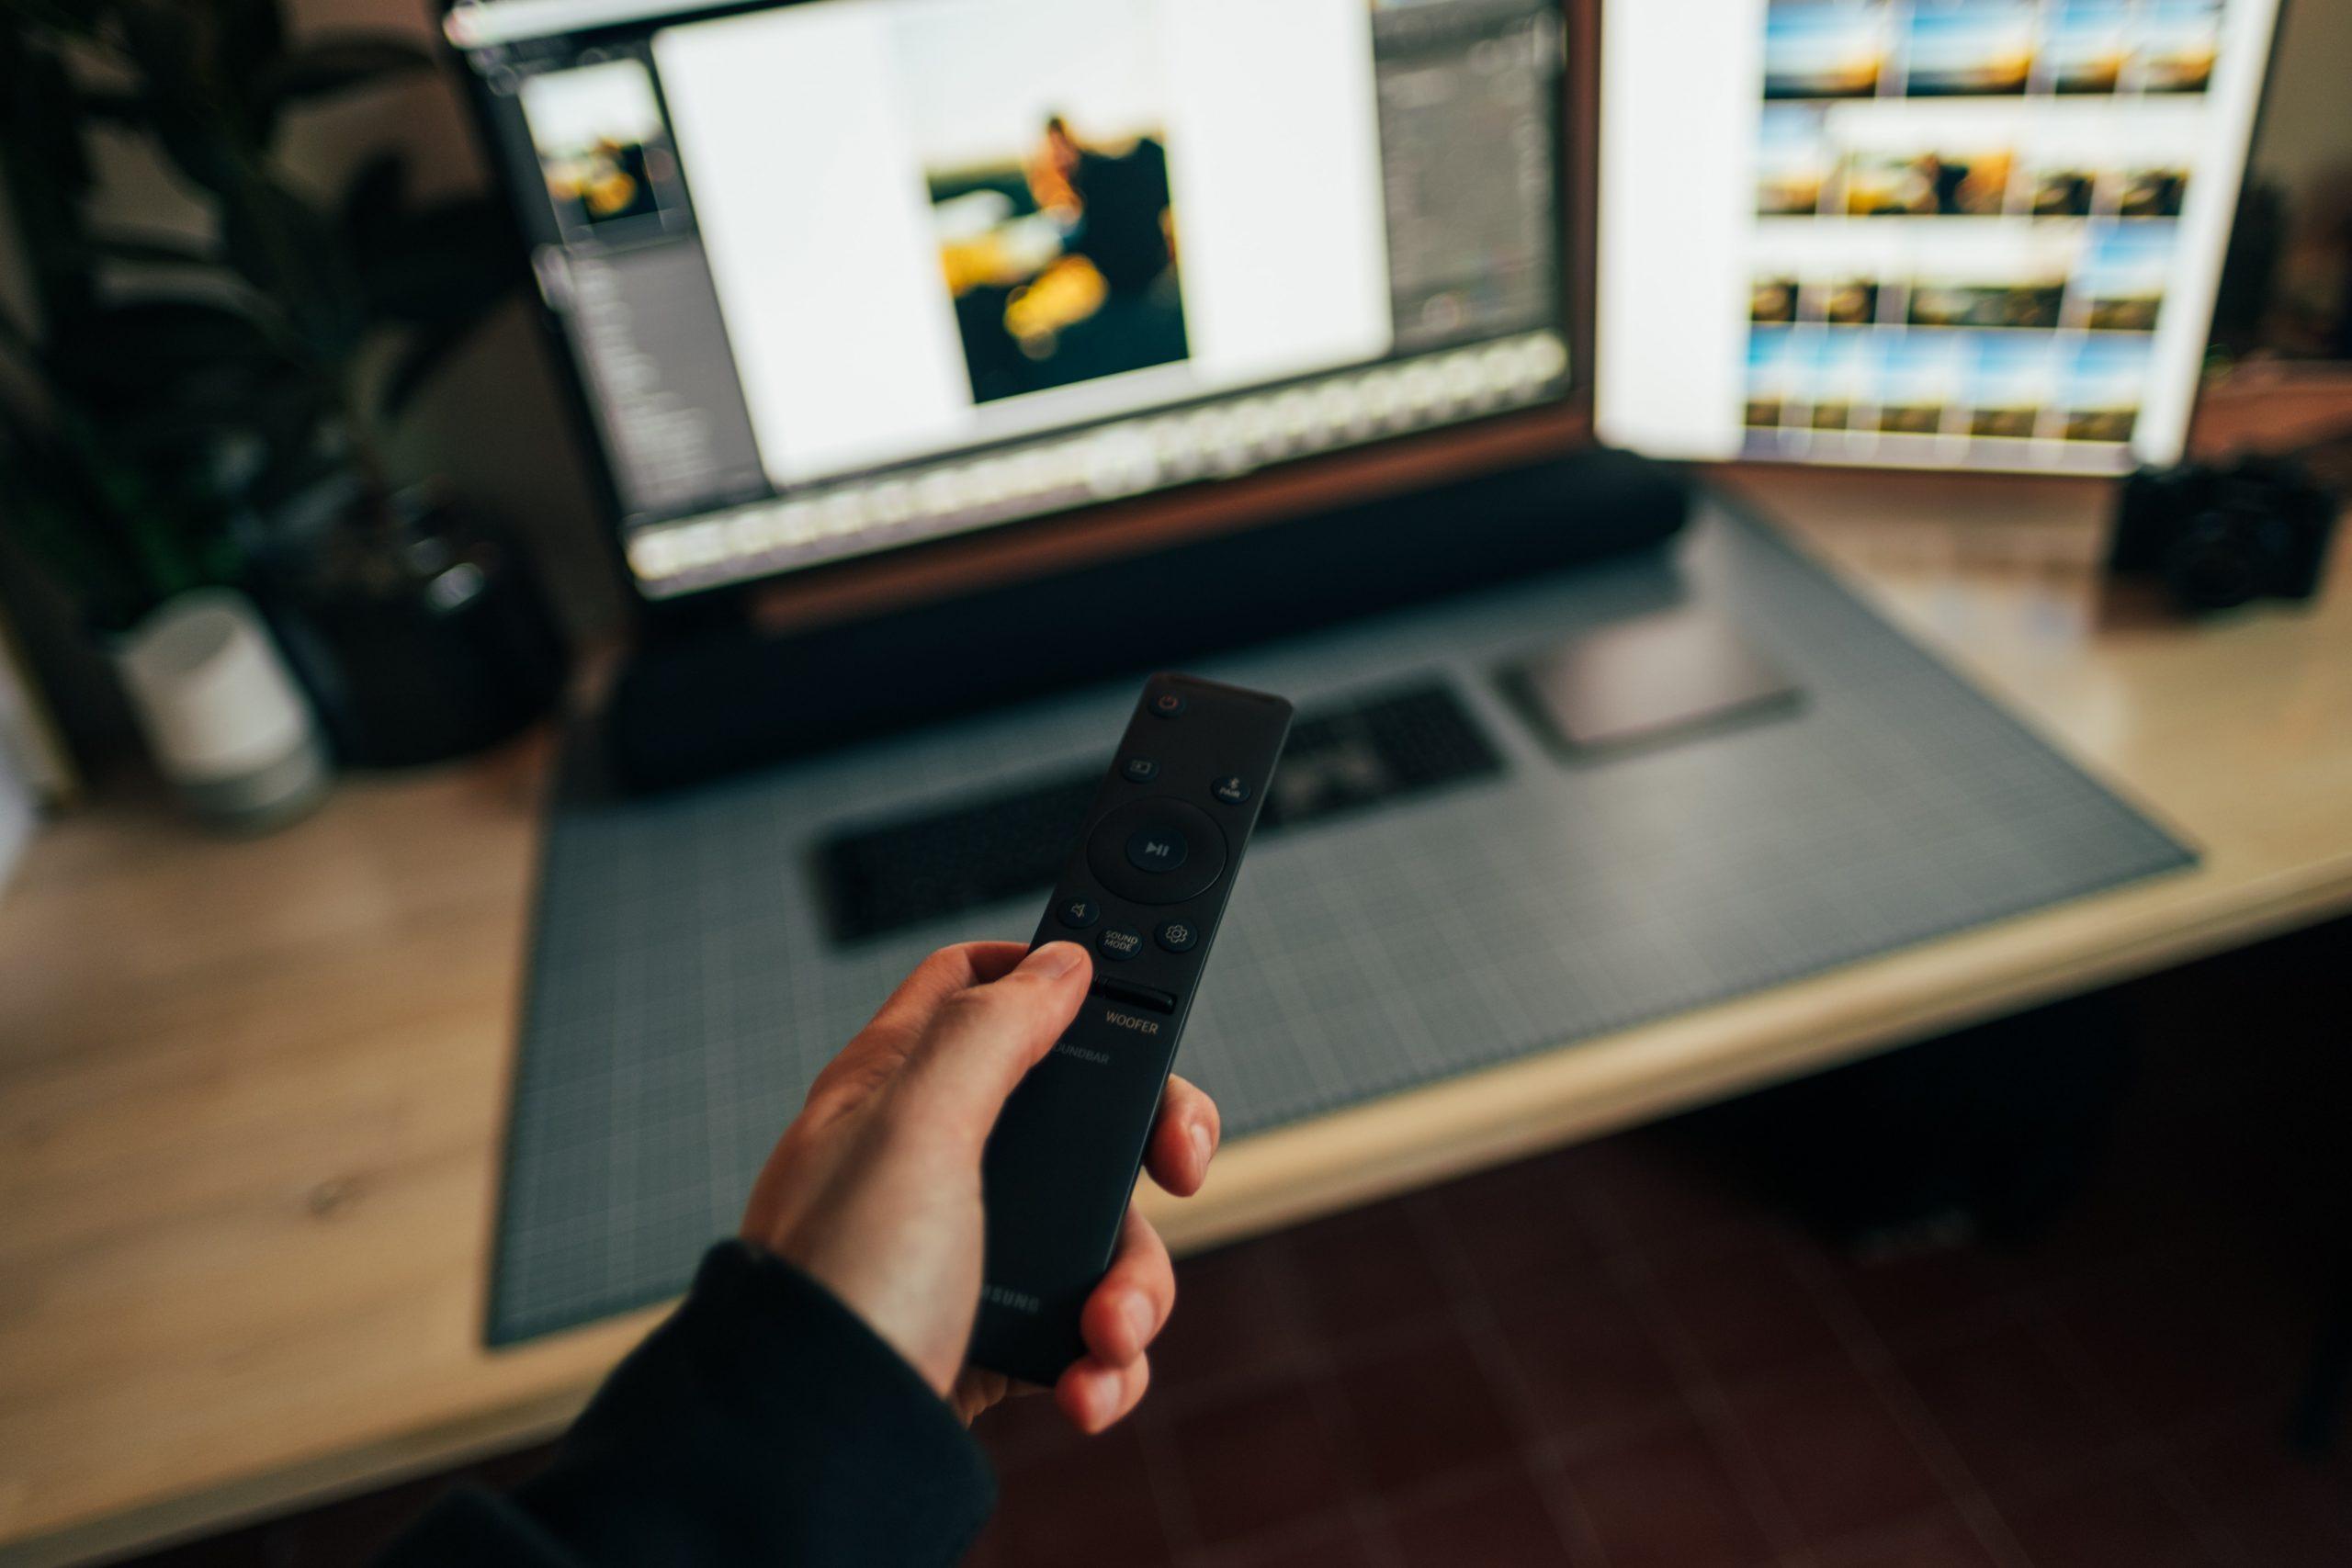 Imagem mostra uma pessoa usando um controle remoto em frente a um monitor e uma soundbar.